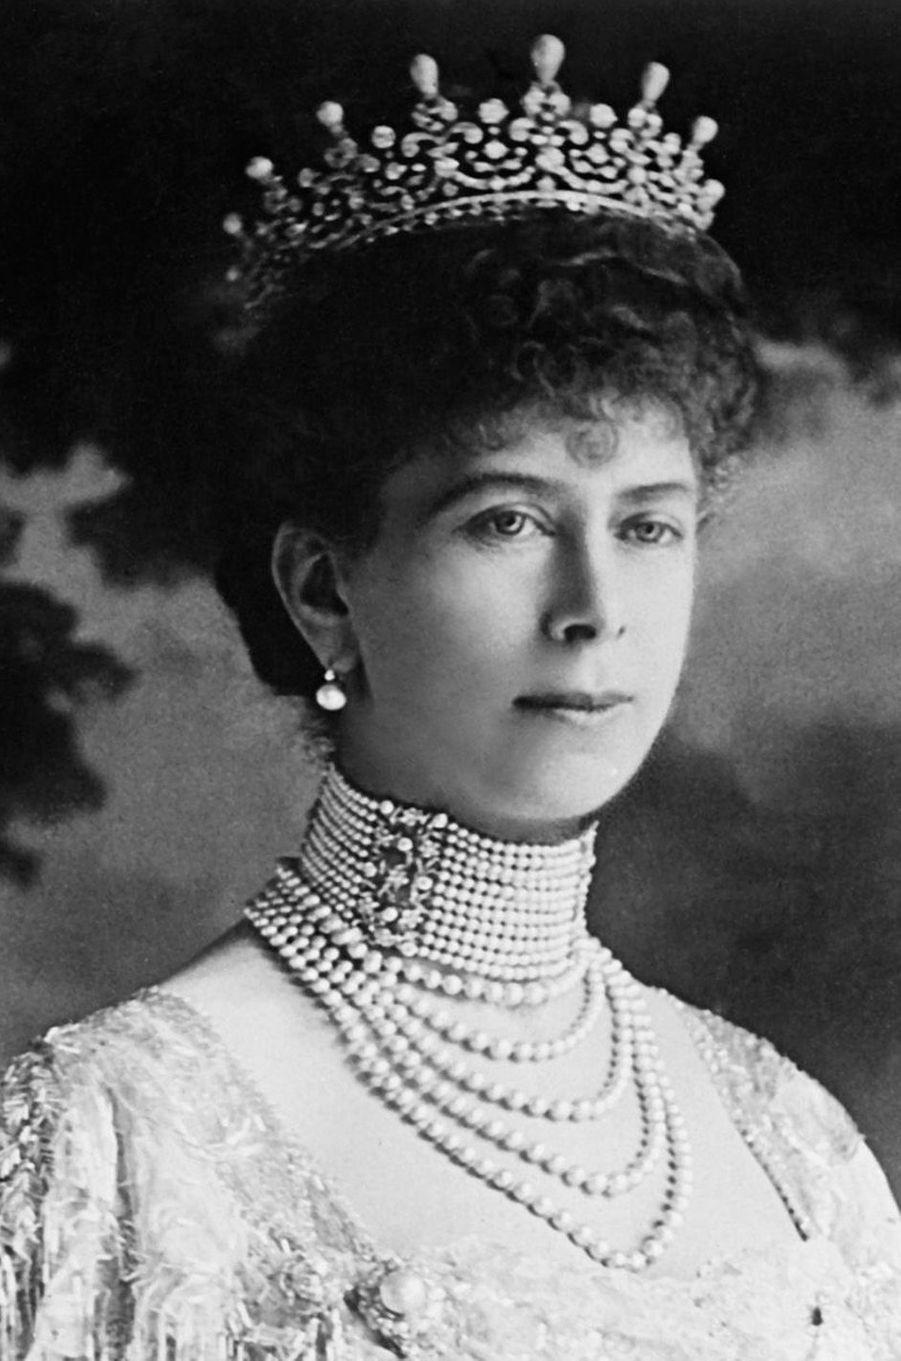 La Queen Mary Girls of Great Britain and Ireland tiara dans sa version originale avec des perles, en 1914